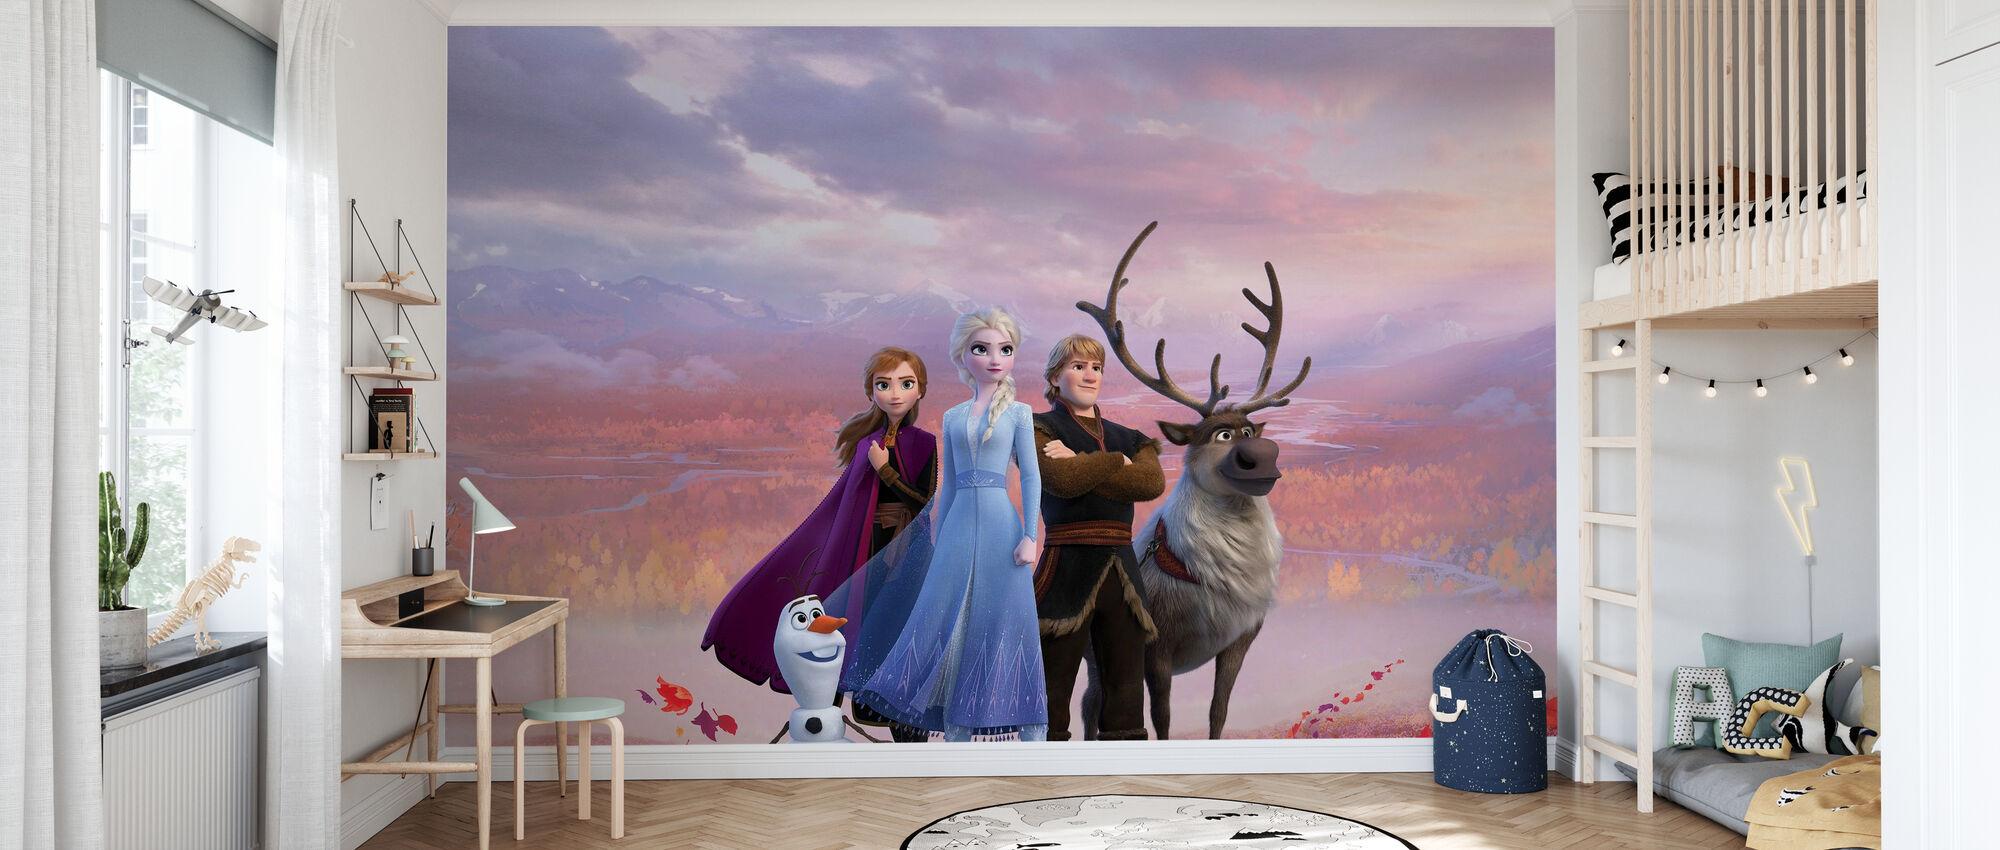 Frozen 2 - Äventyr i norr - Tapet - Barnrum